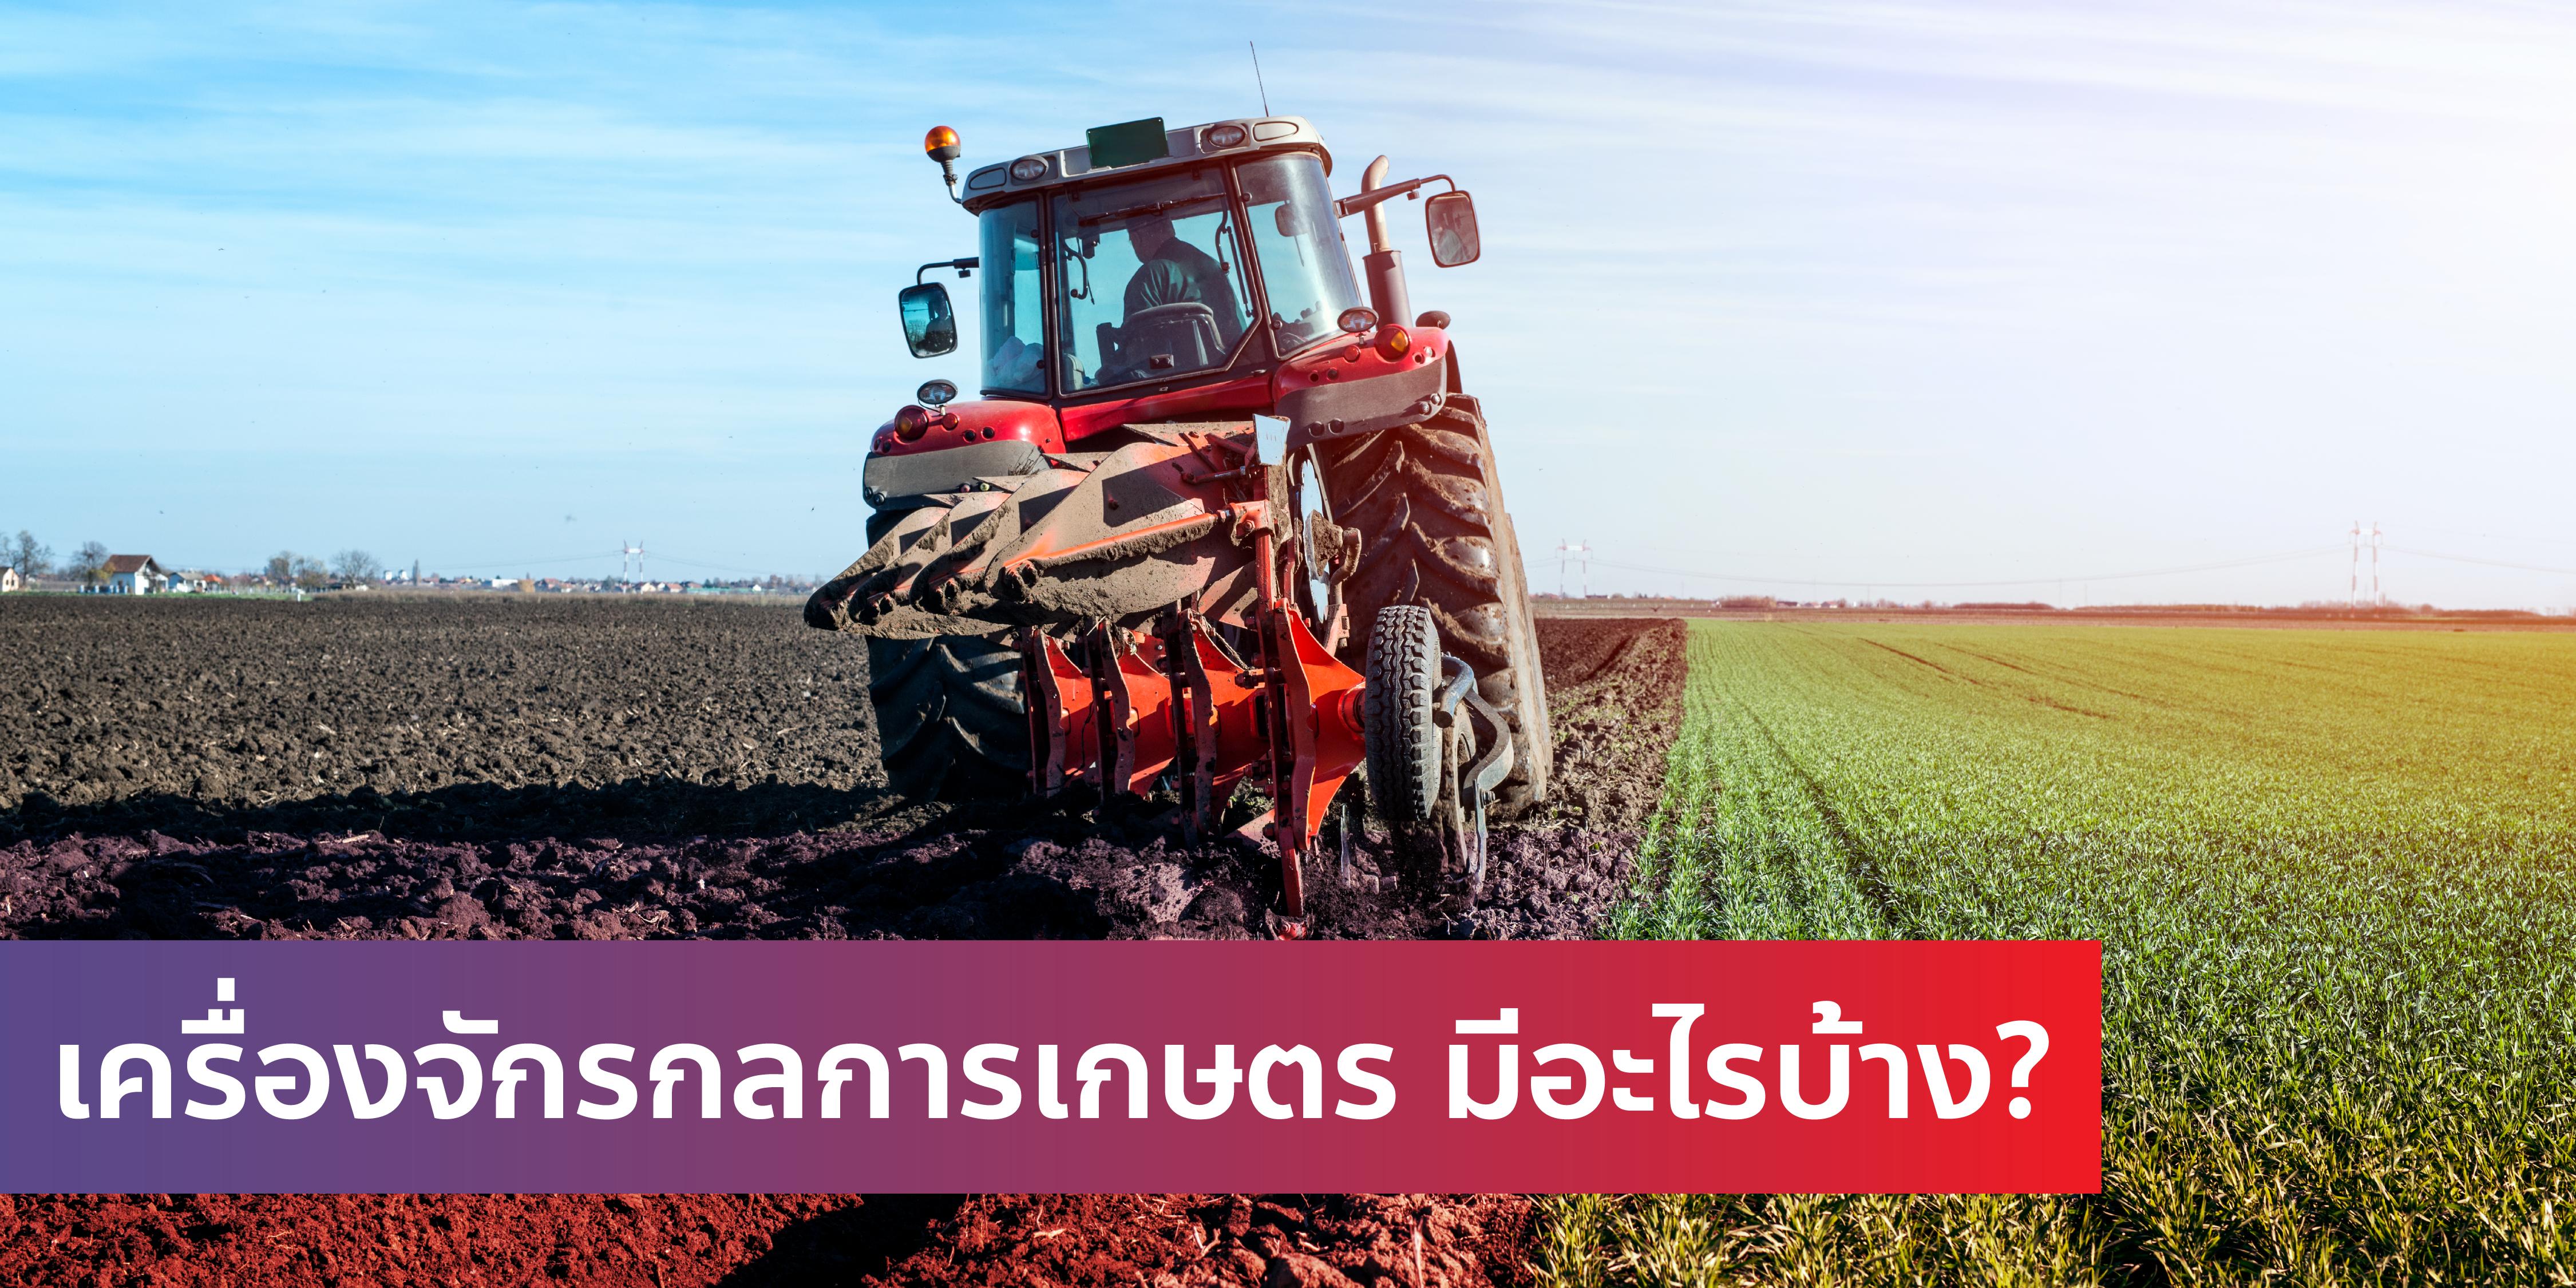 เครื่องจักรกลการเกษตร มีอะไรบ้าง?